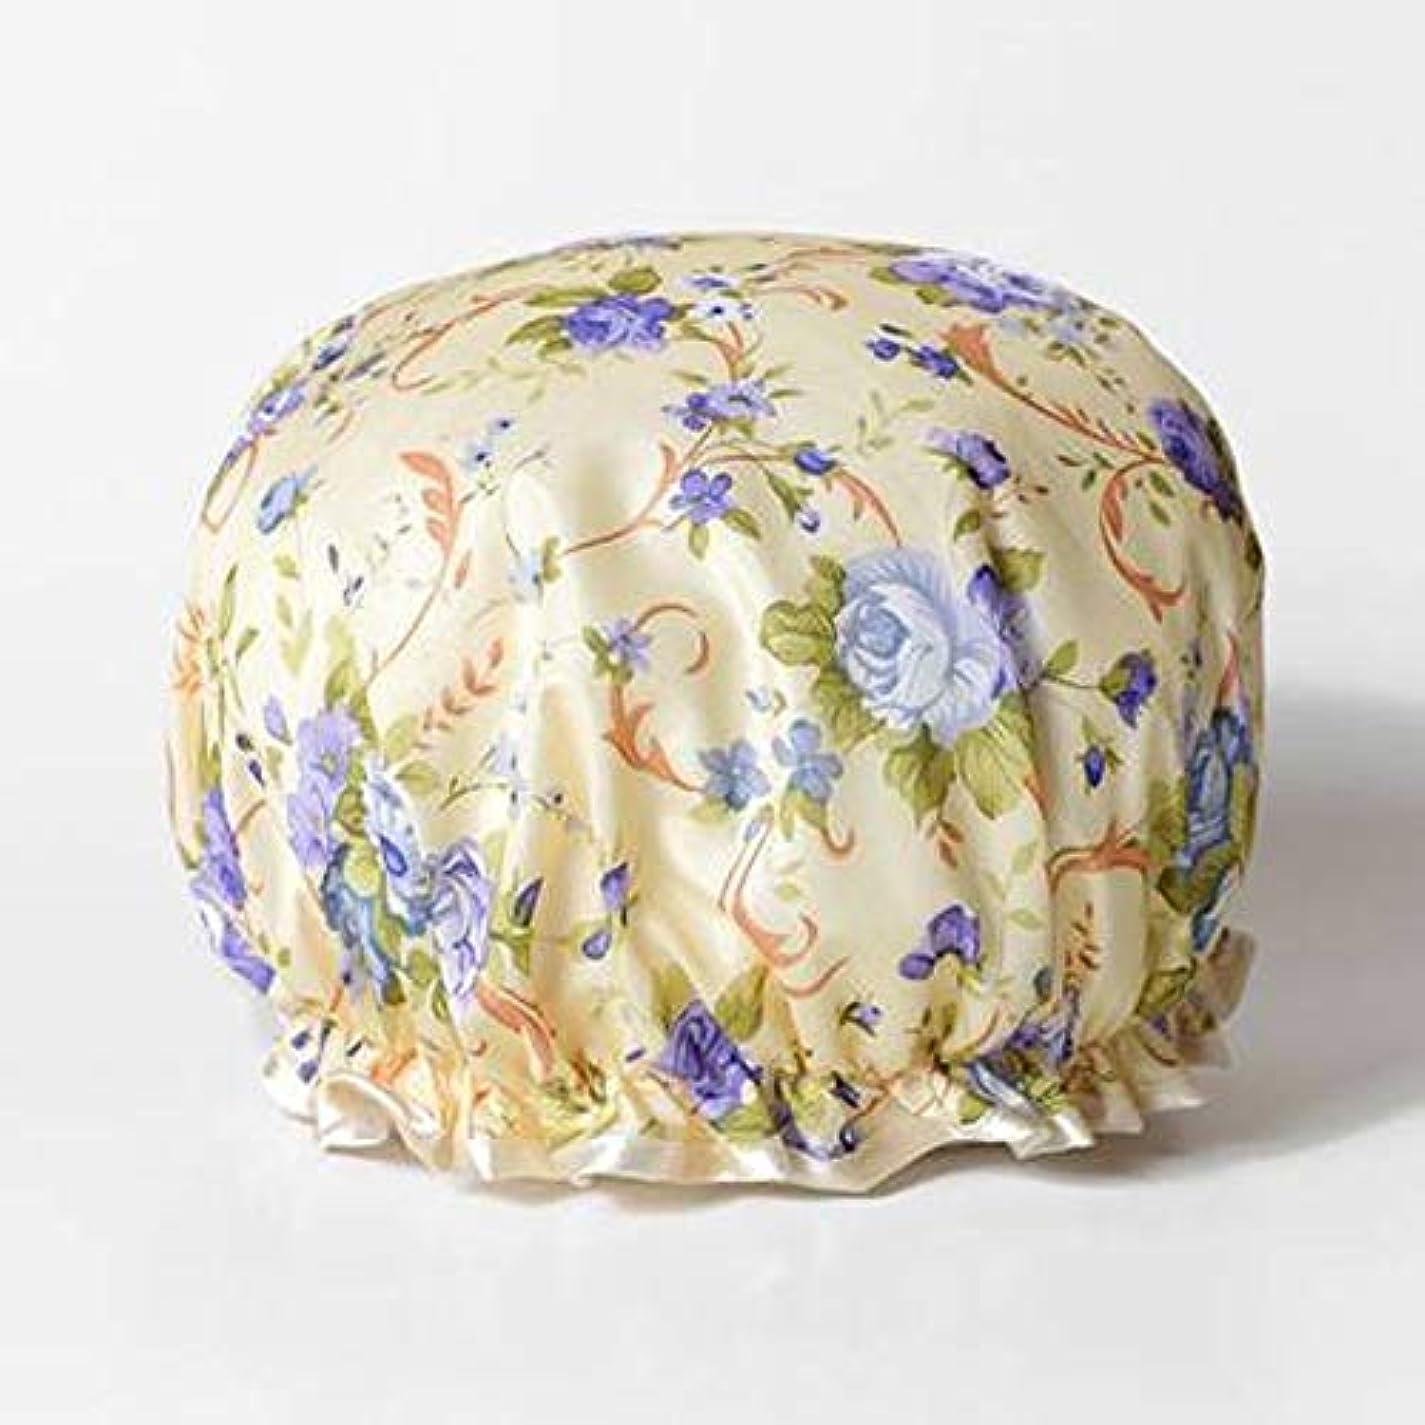 腫瘍道定期的なZhenxinshiyi 厚く漫画かわいいホーム入浴キャップ大人のシャワーキャップ女性の防水防曇キャップキッチンキャップ二重層デザインかわいいプリントパターン防水裏地 (Color : Purple)